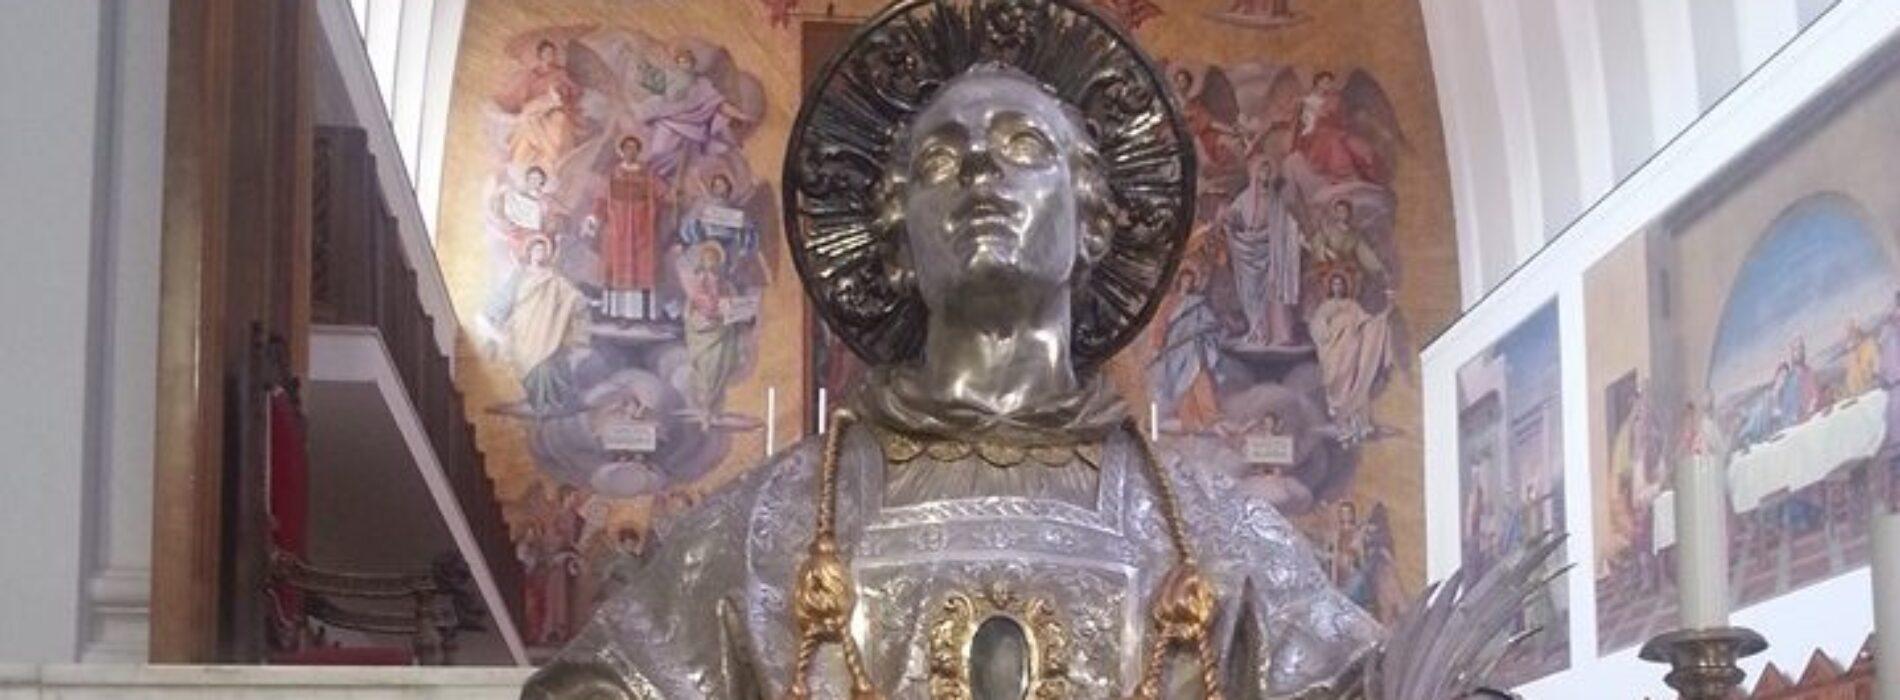 Santo Stefano, storia e leggenda della festa del 26 dicembre